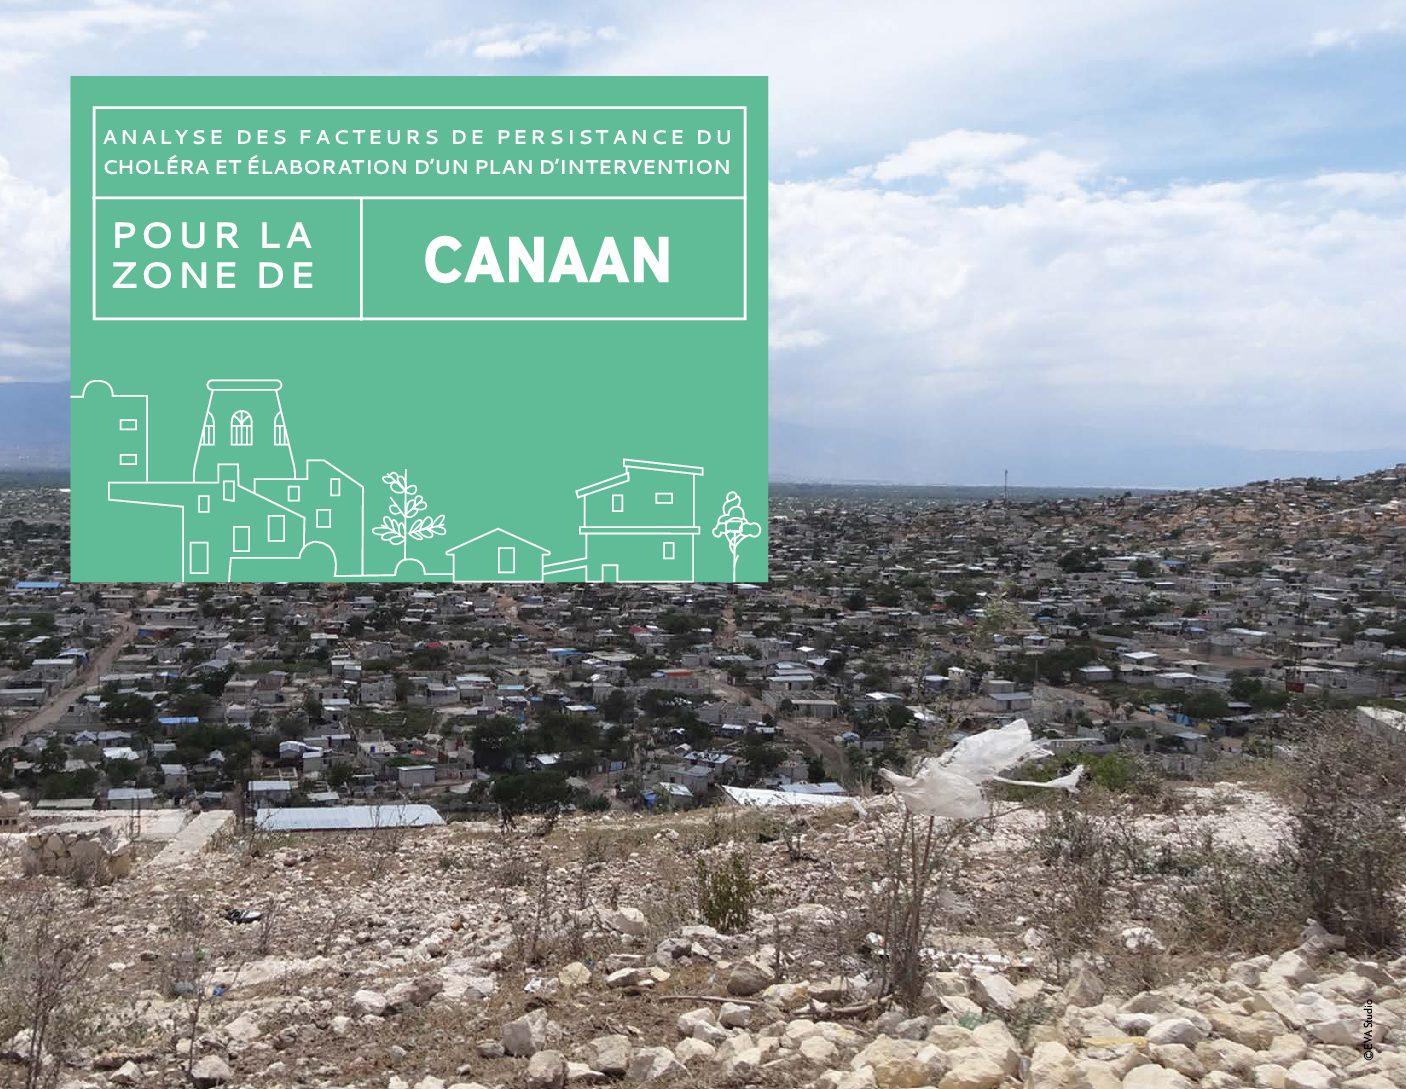 Analyse des facteurs de persistance du choléra et élaboration d'un plan d'intervention – Canaan